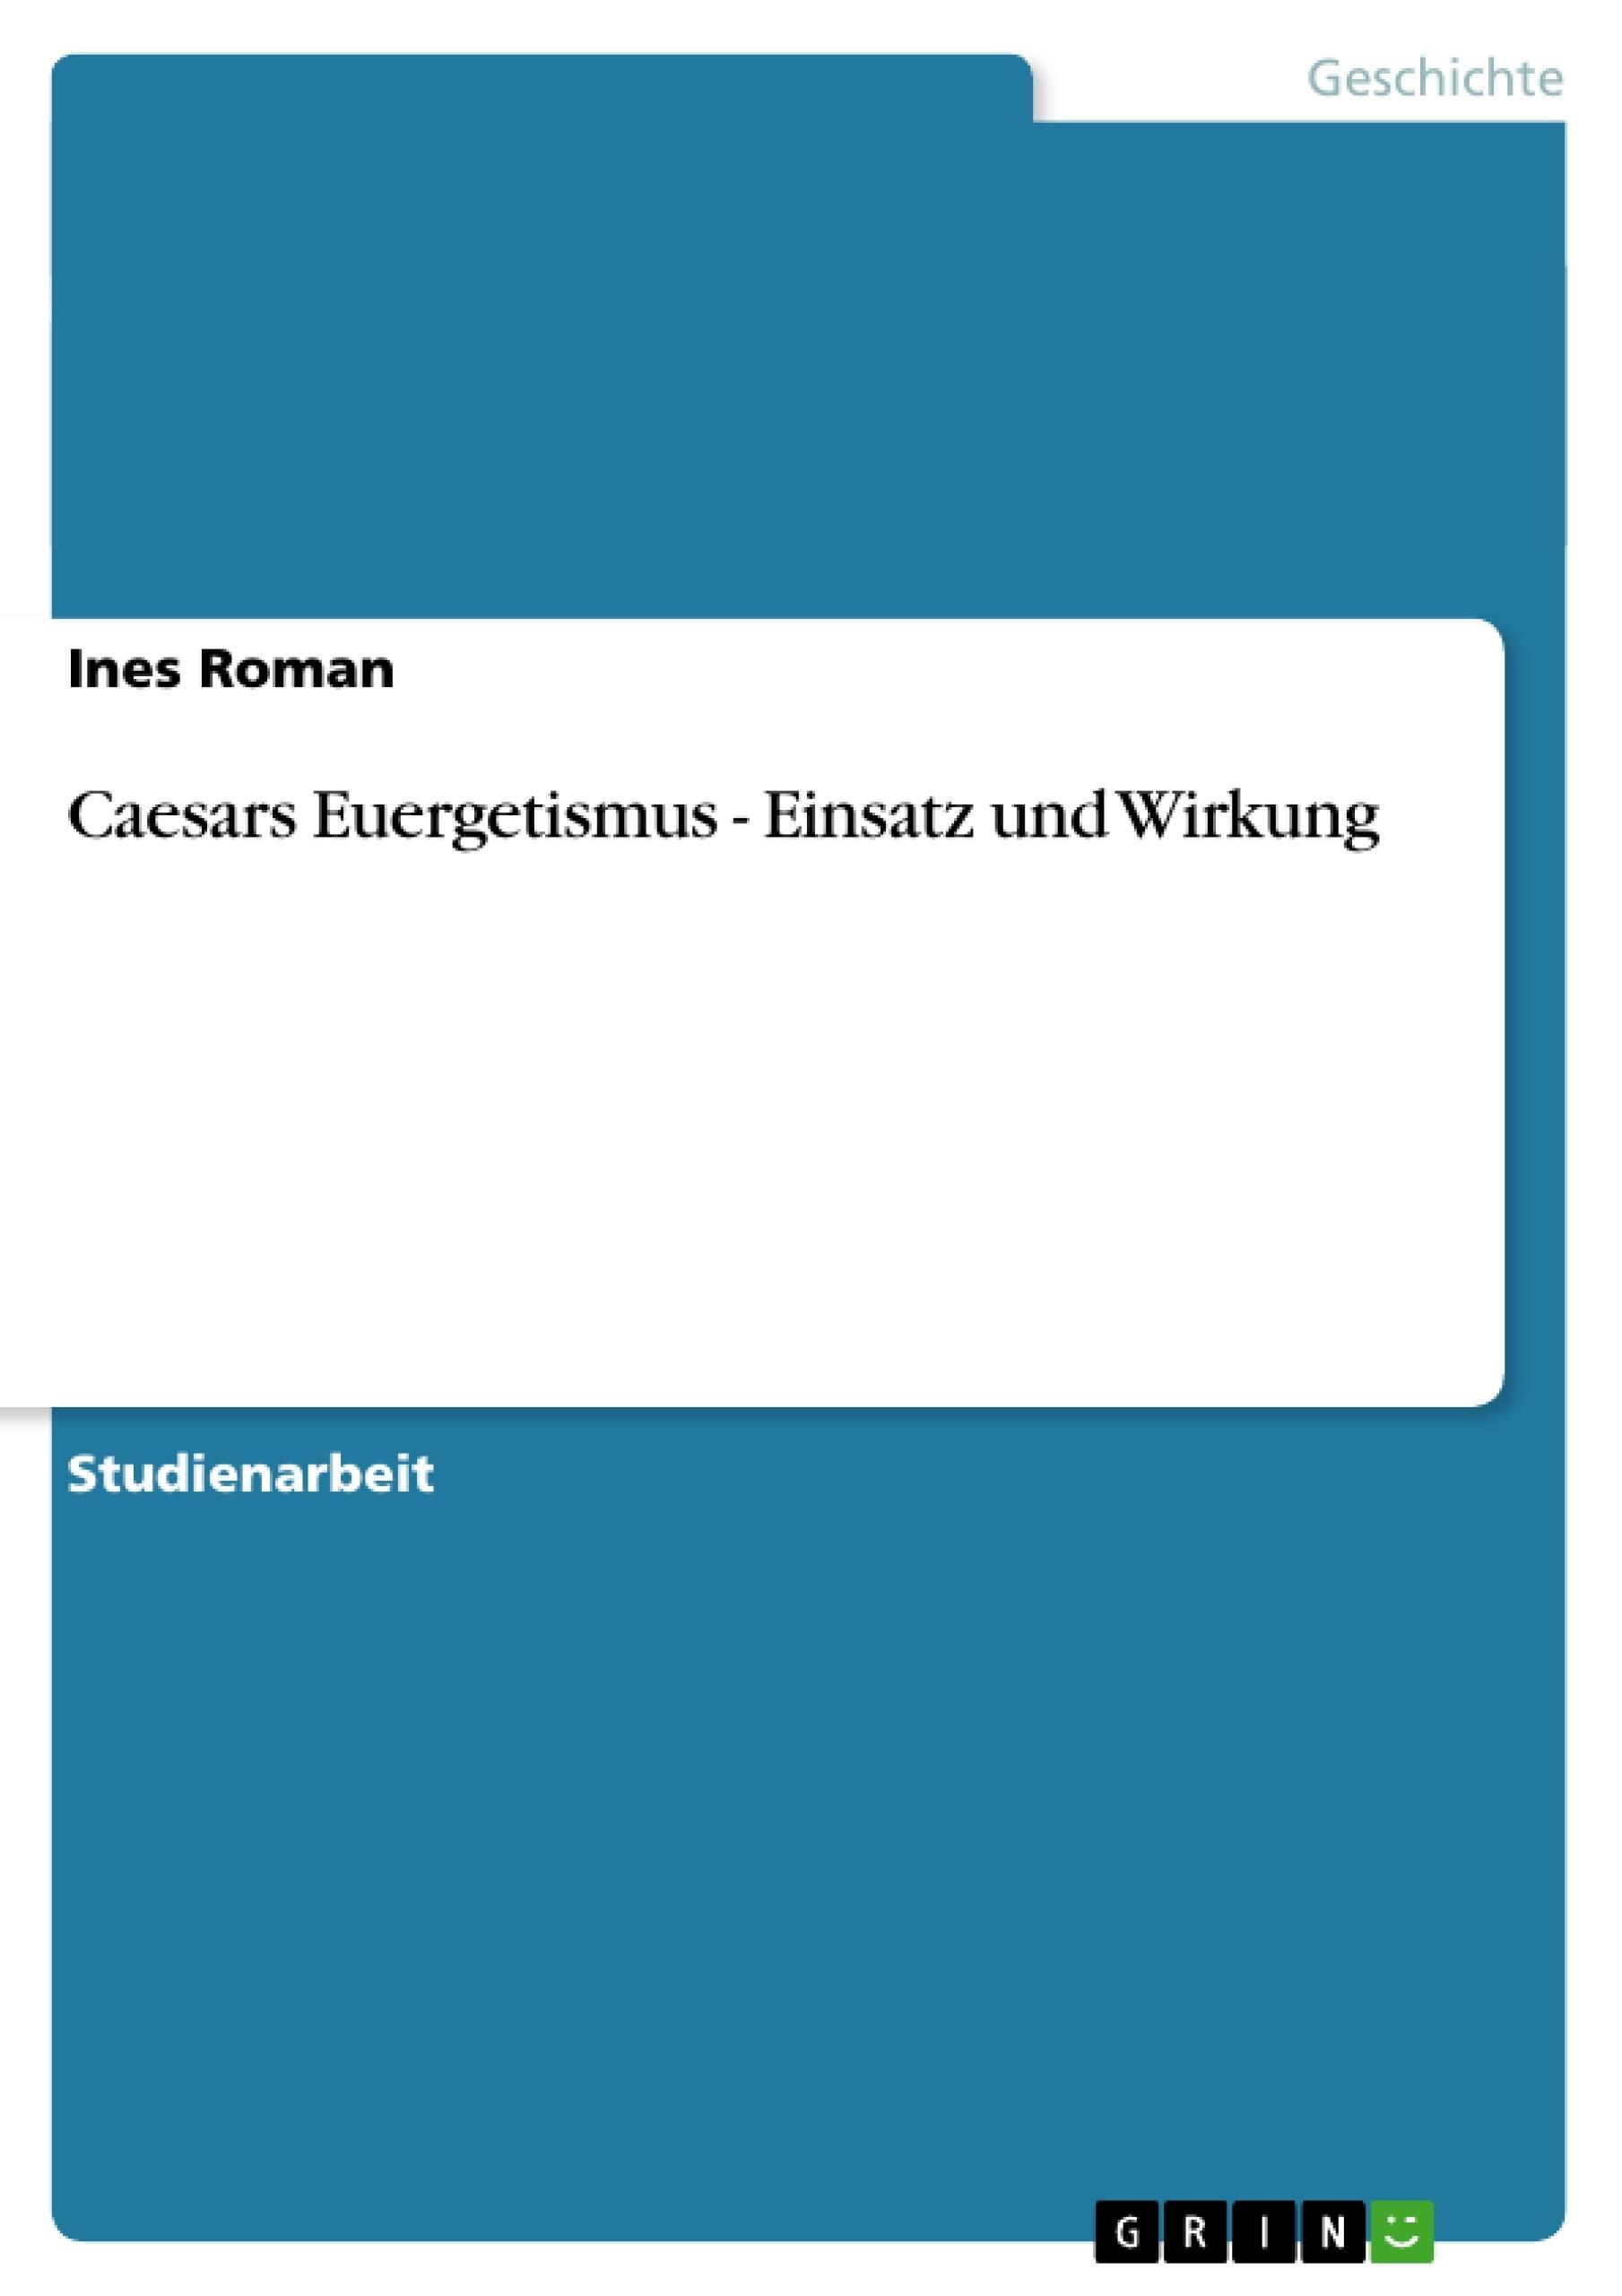 Titel: Caesars Euergetismus - Einsatz und Wirkung